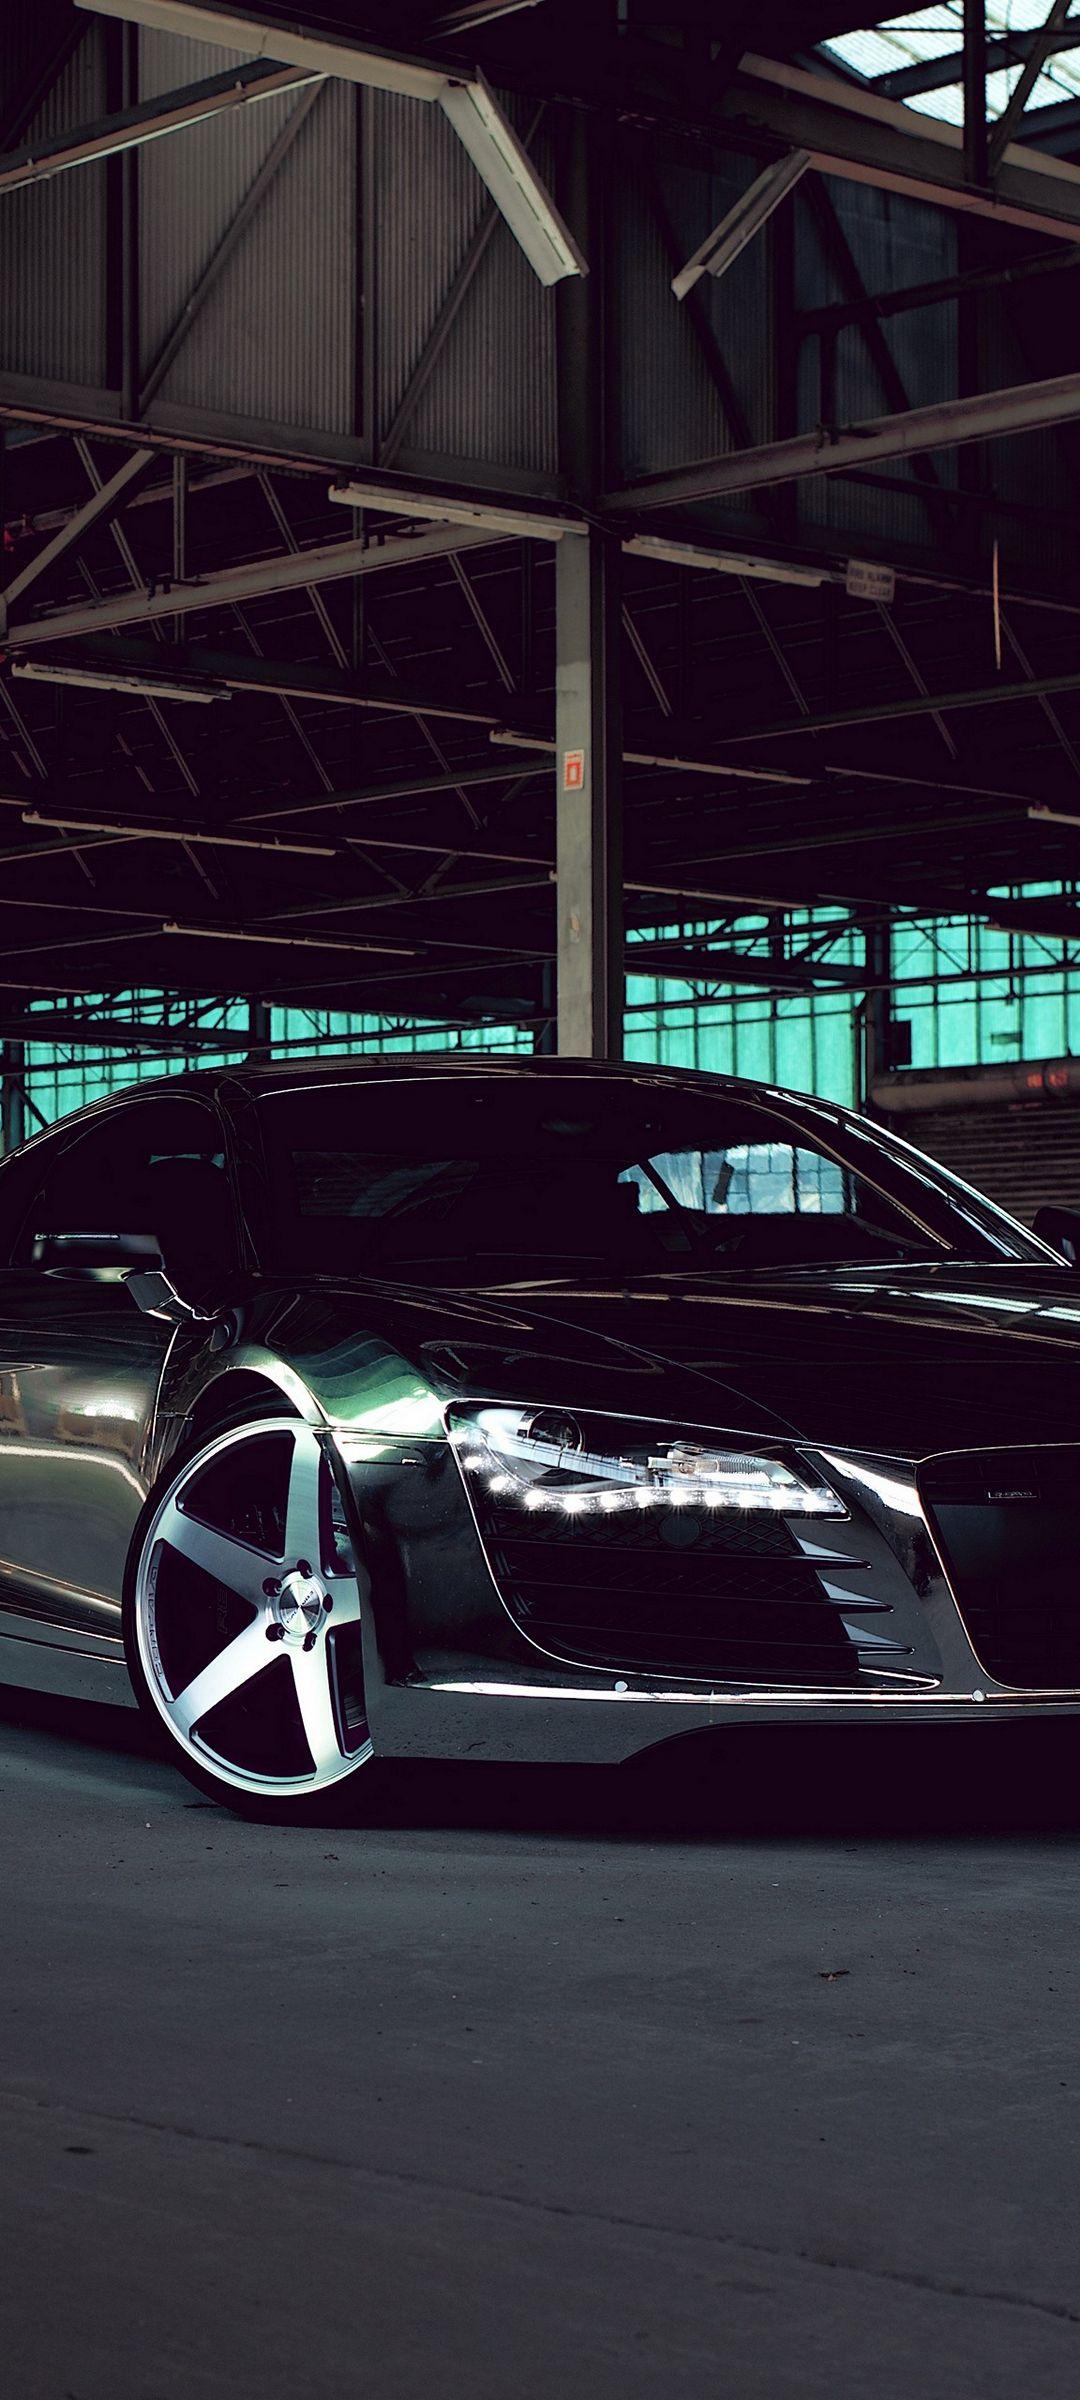 Audi R8 Chrome Cw 5 Matte Black Black Side View 1080x2400